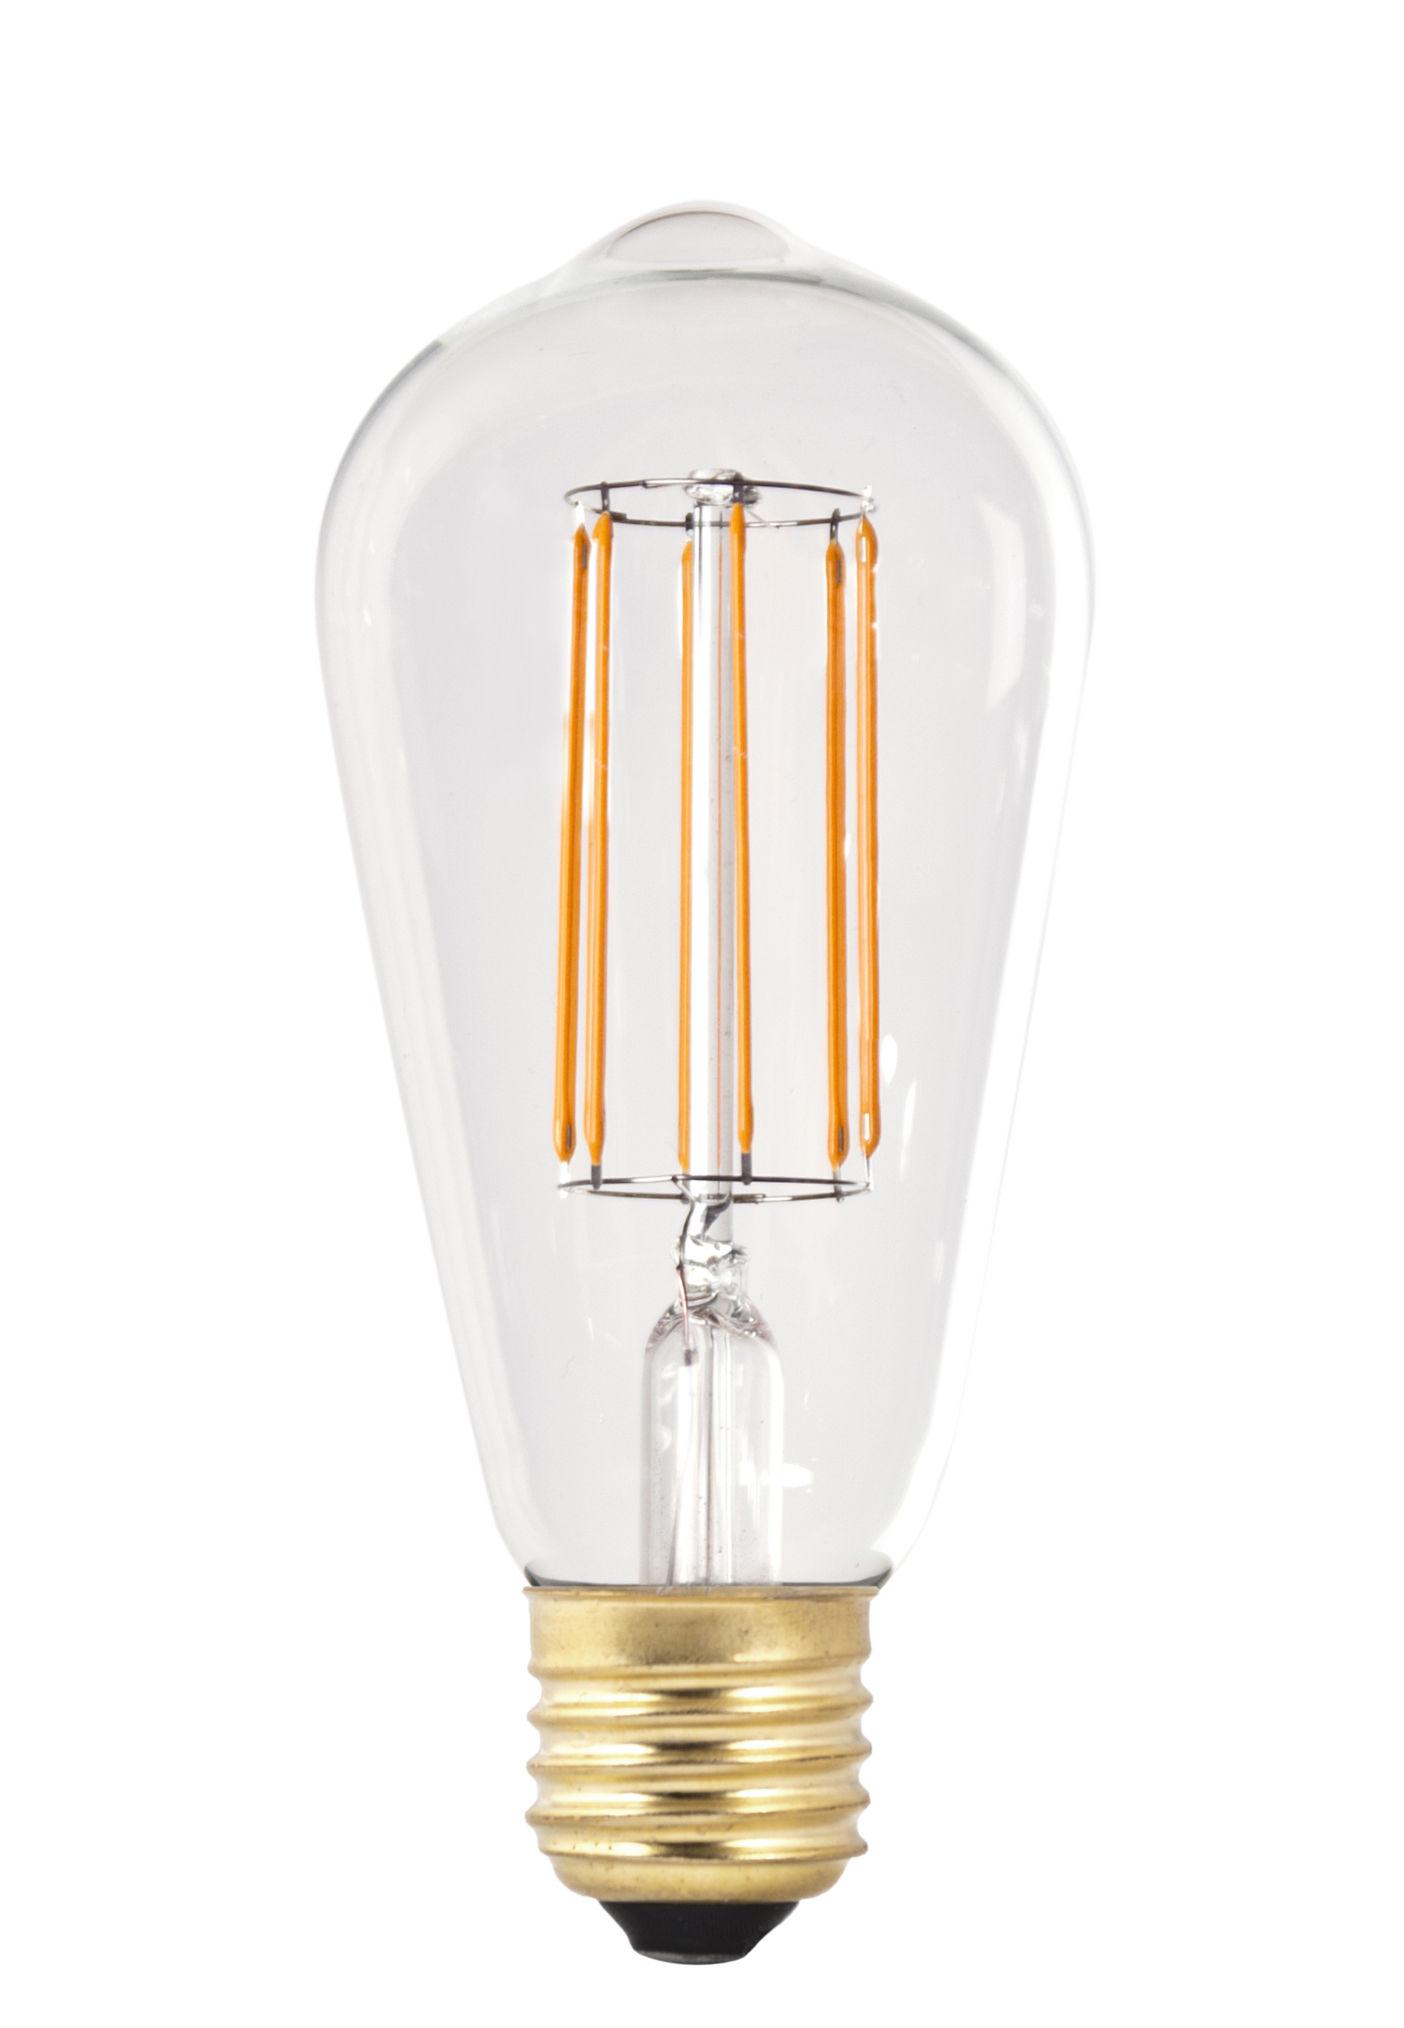 st64 ampoule led filaments e27 6w transparent gold by pop corn. Black Bedroom Furniture Sets. Home Design Ideas